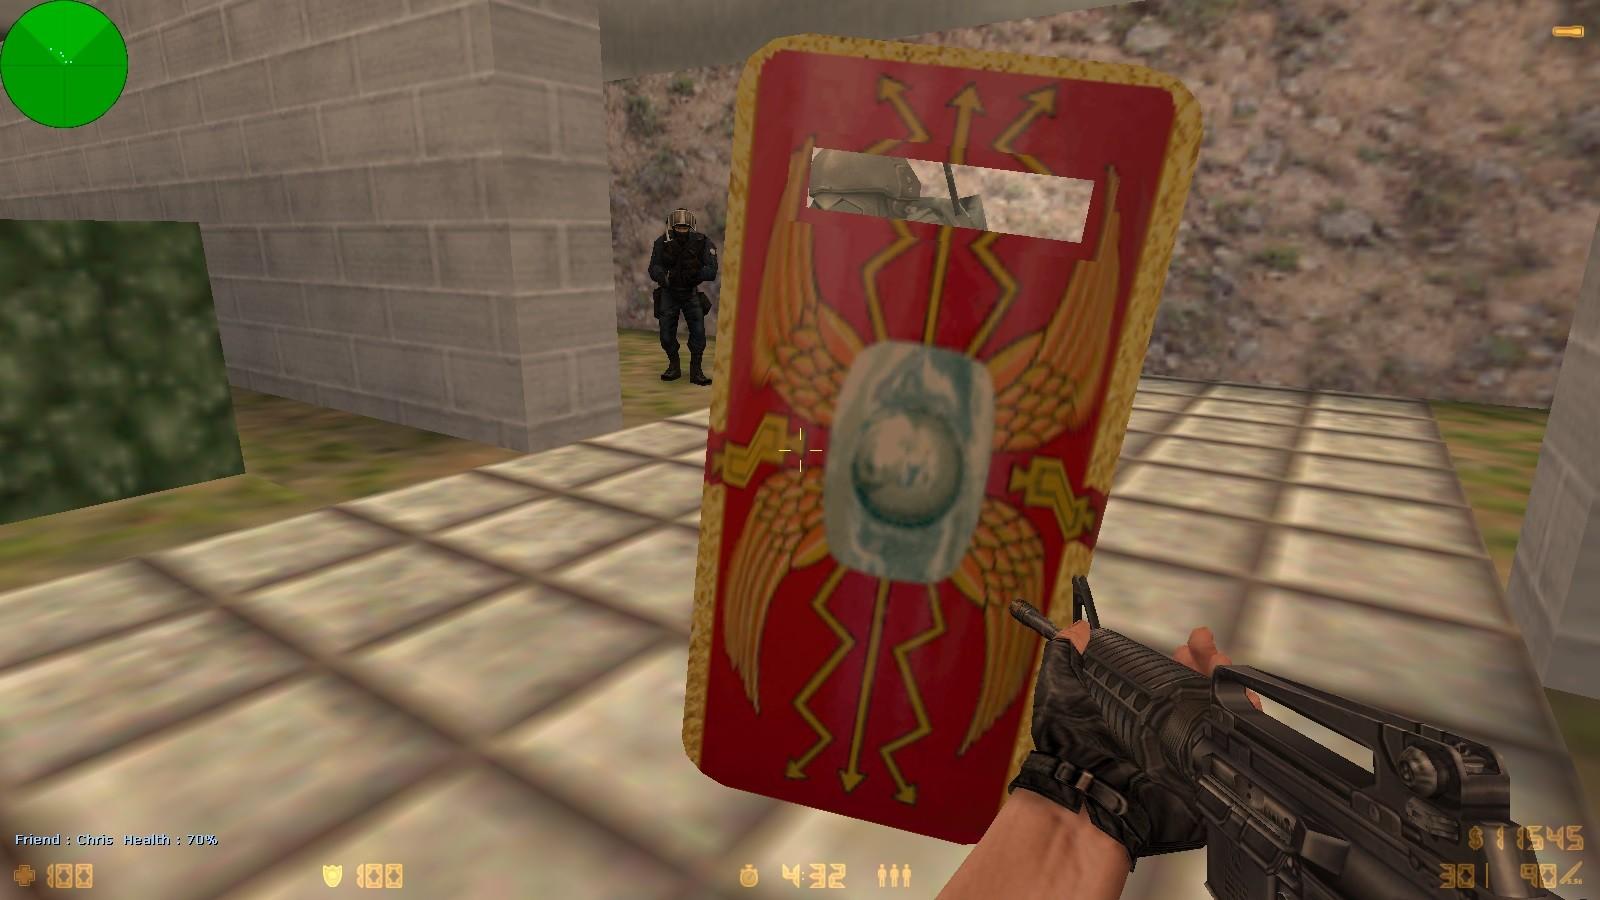 دانلود اسکین شیلد Roman shields برای کانتر 1.6